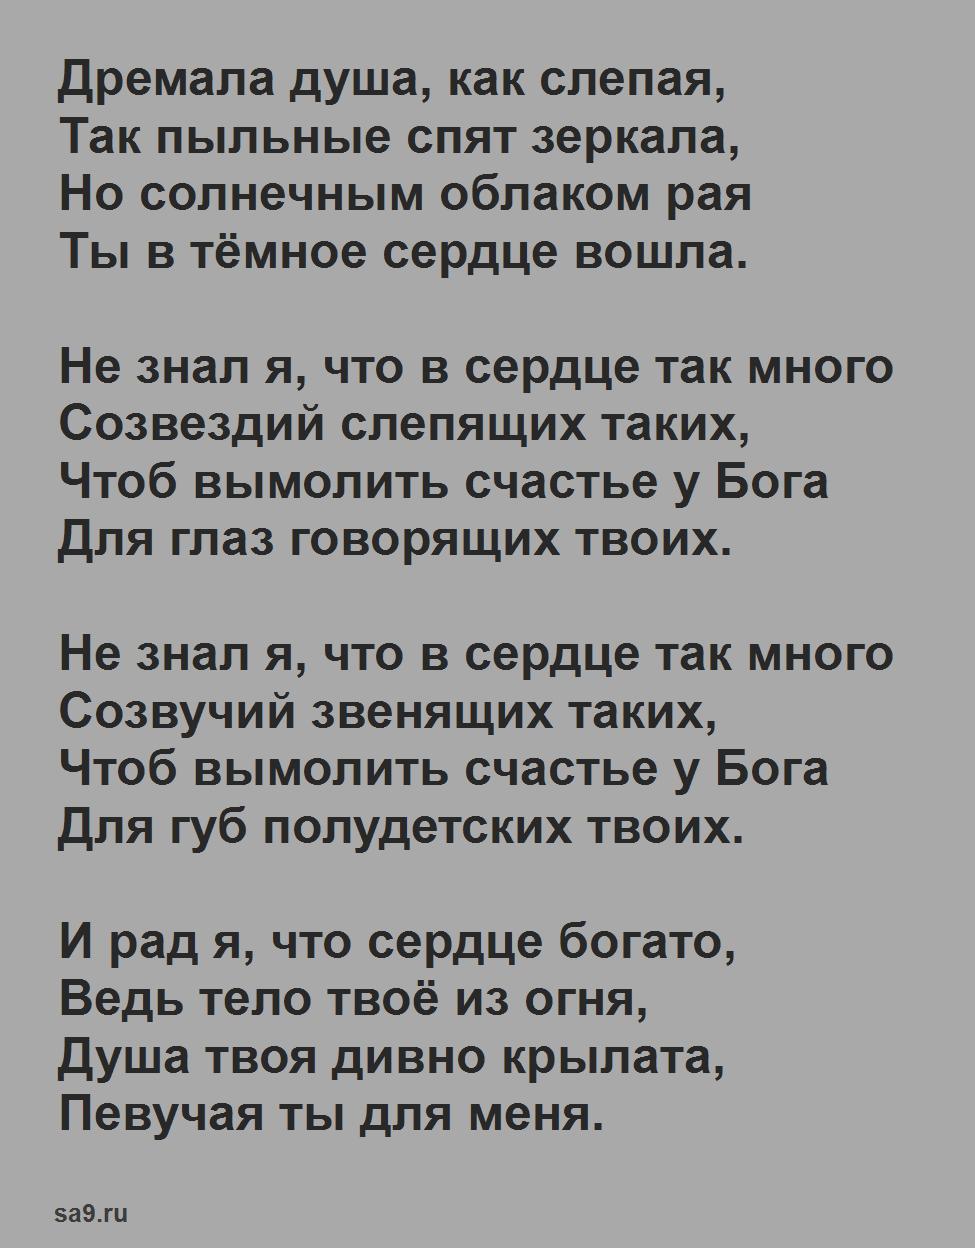 Песни на стихи Гумилева - Дремала душа, как слепая